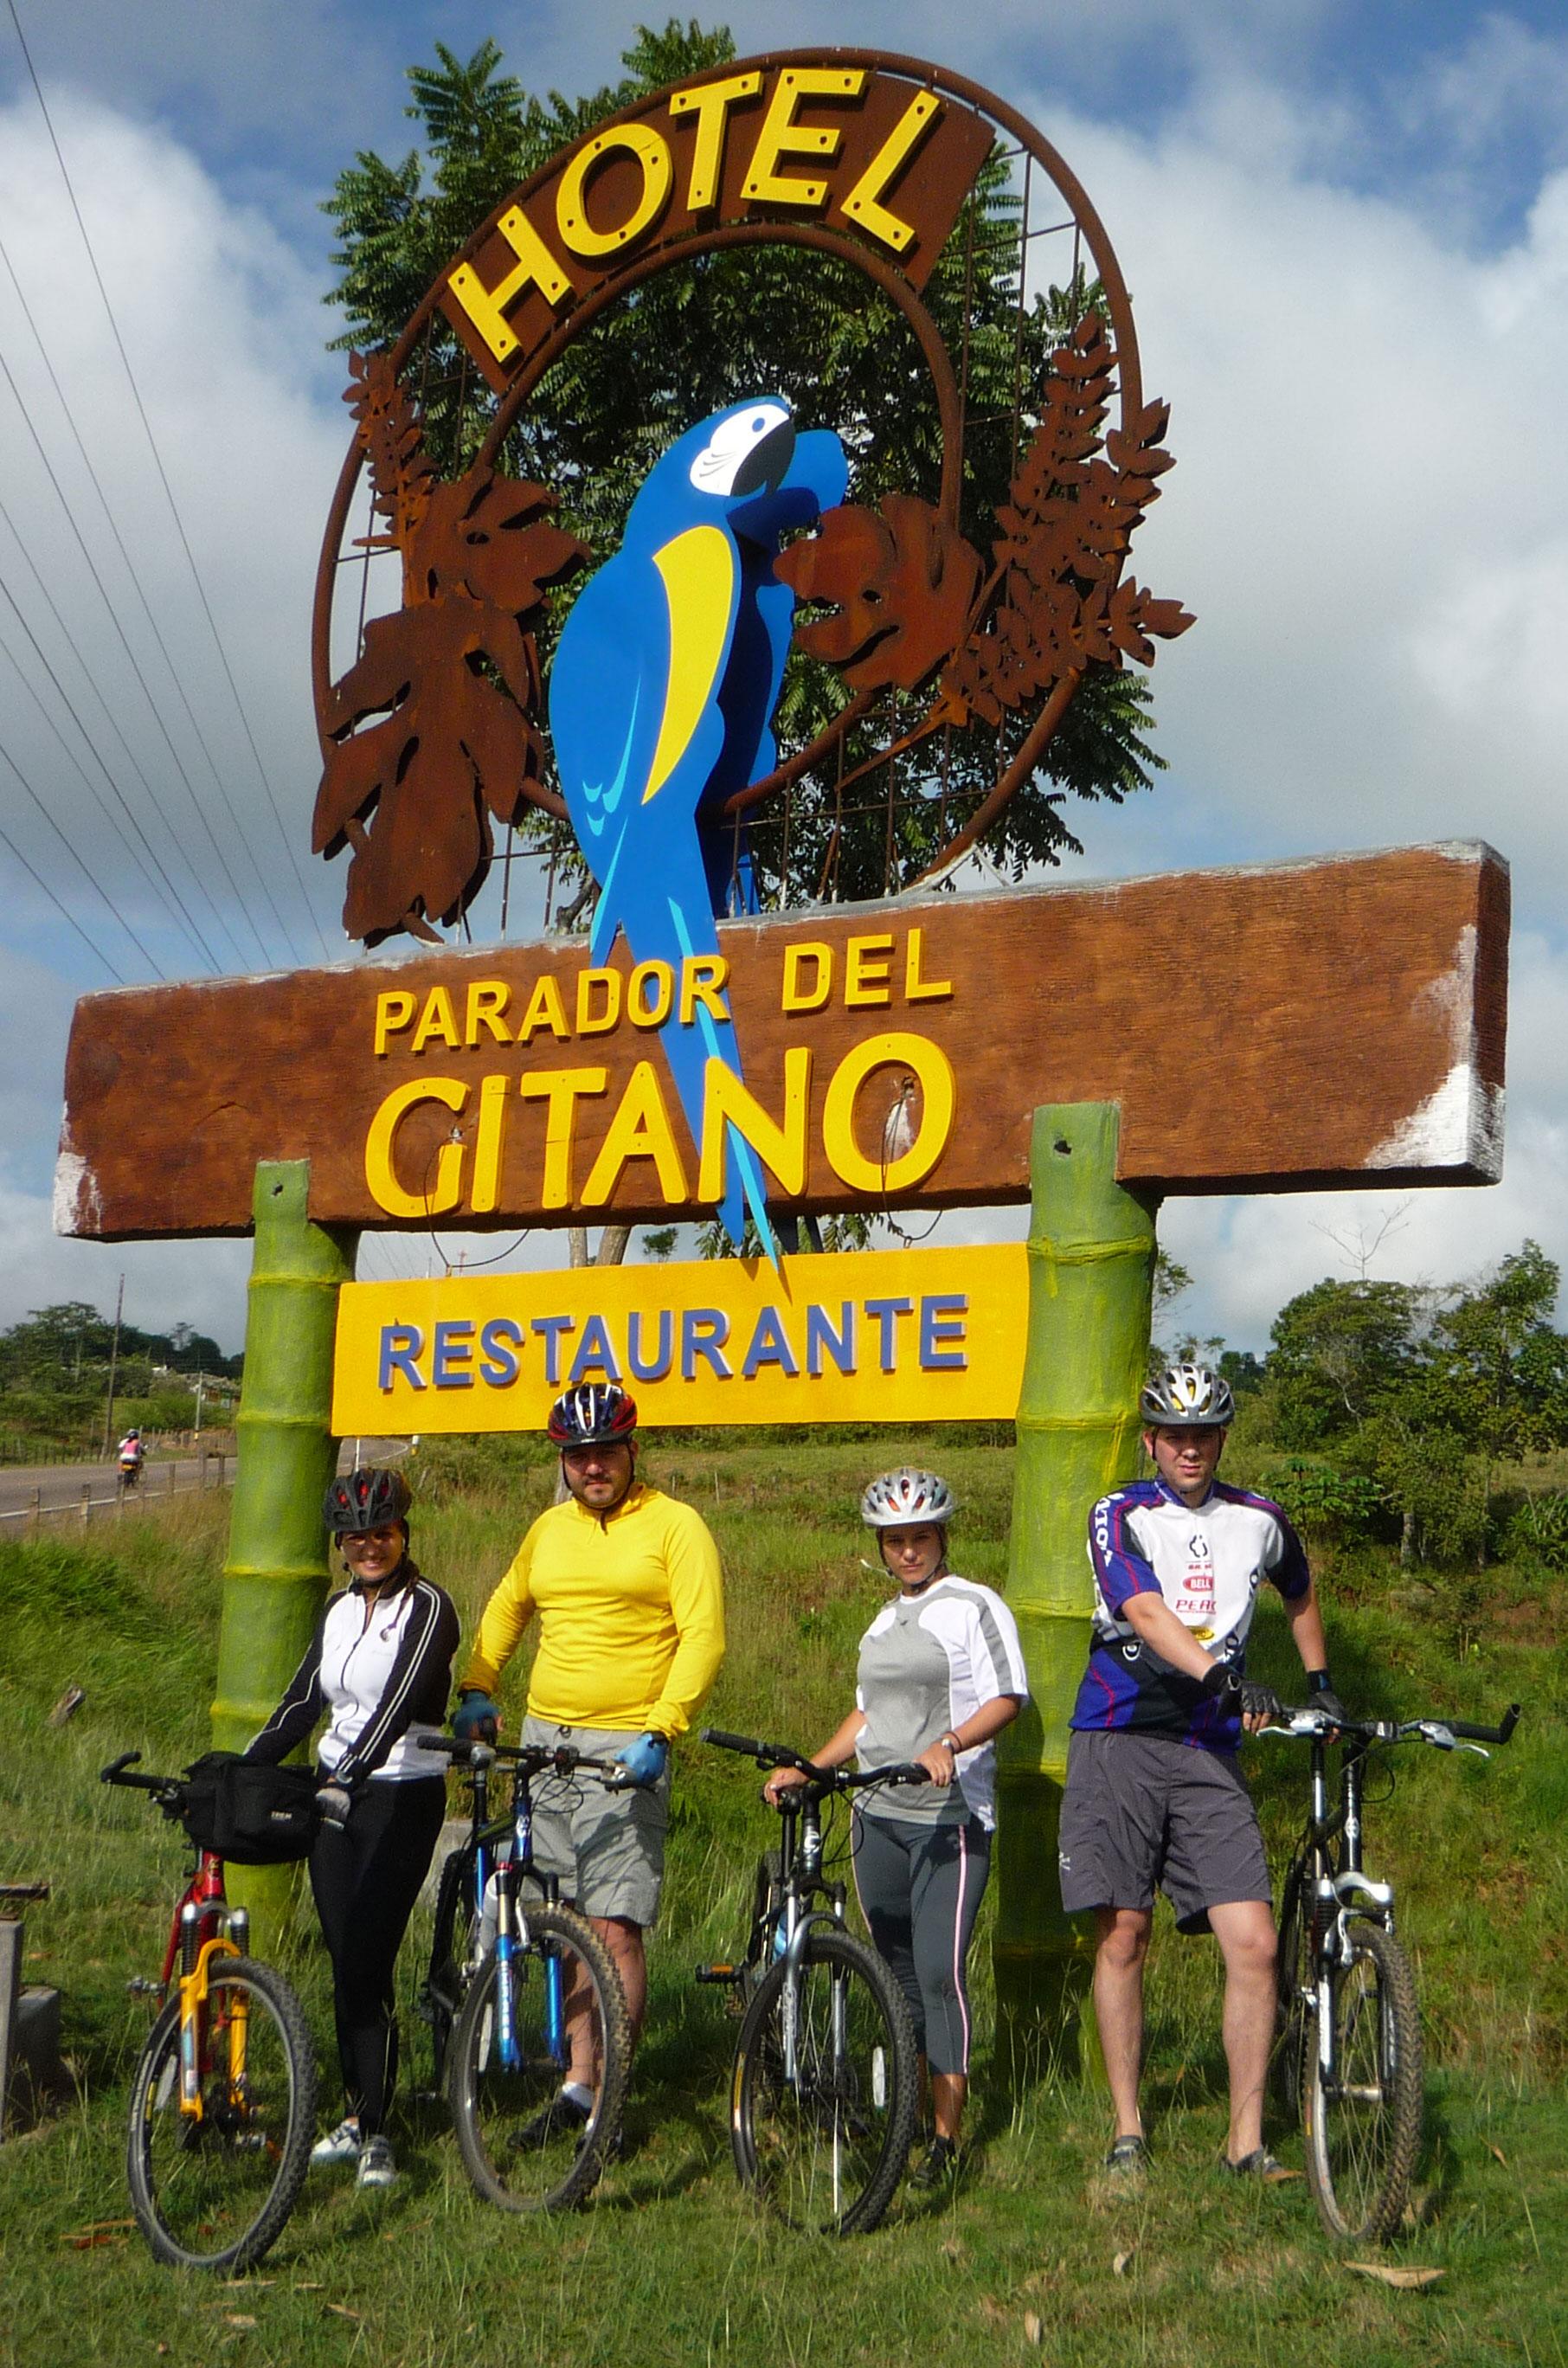 pasea en bici cn tus amigos - Hotel & Restaurante Parador del gitano - Nápoles - Doradal - Rio claro